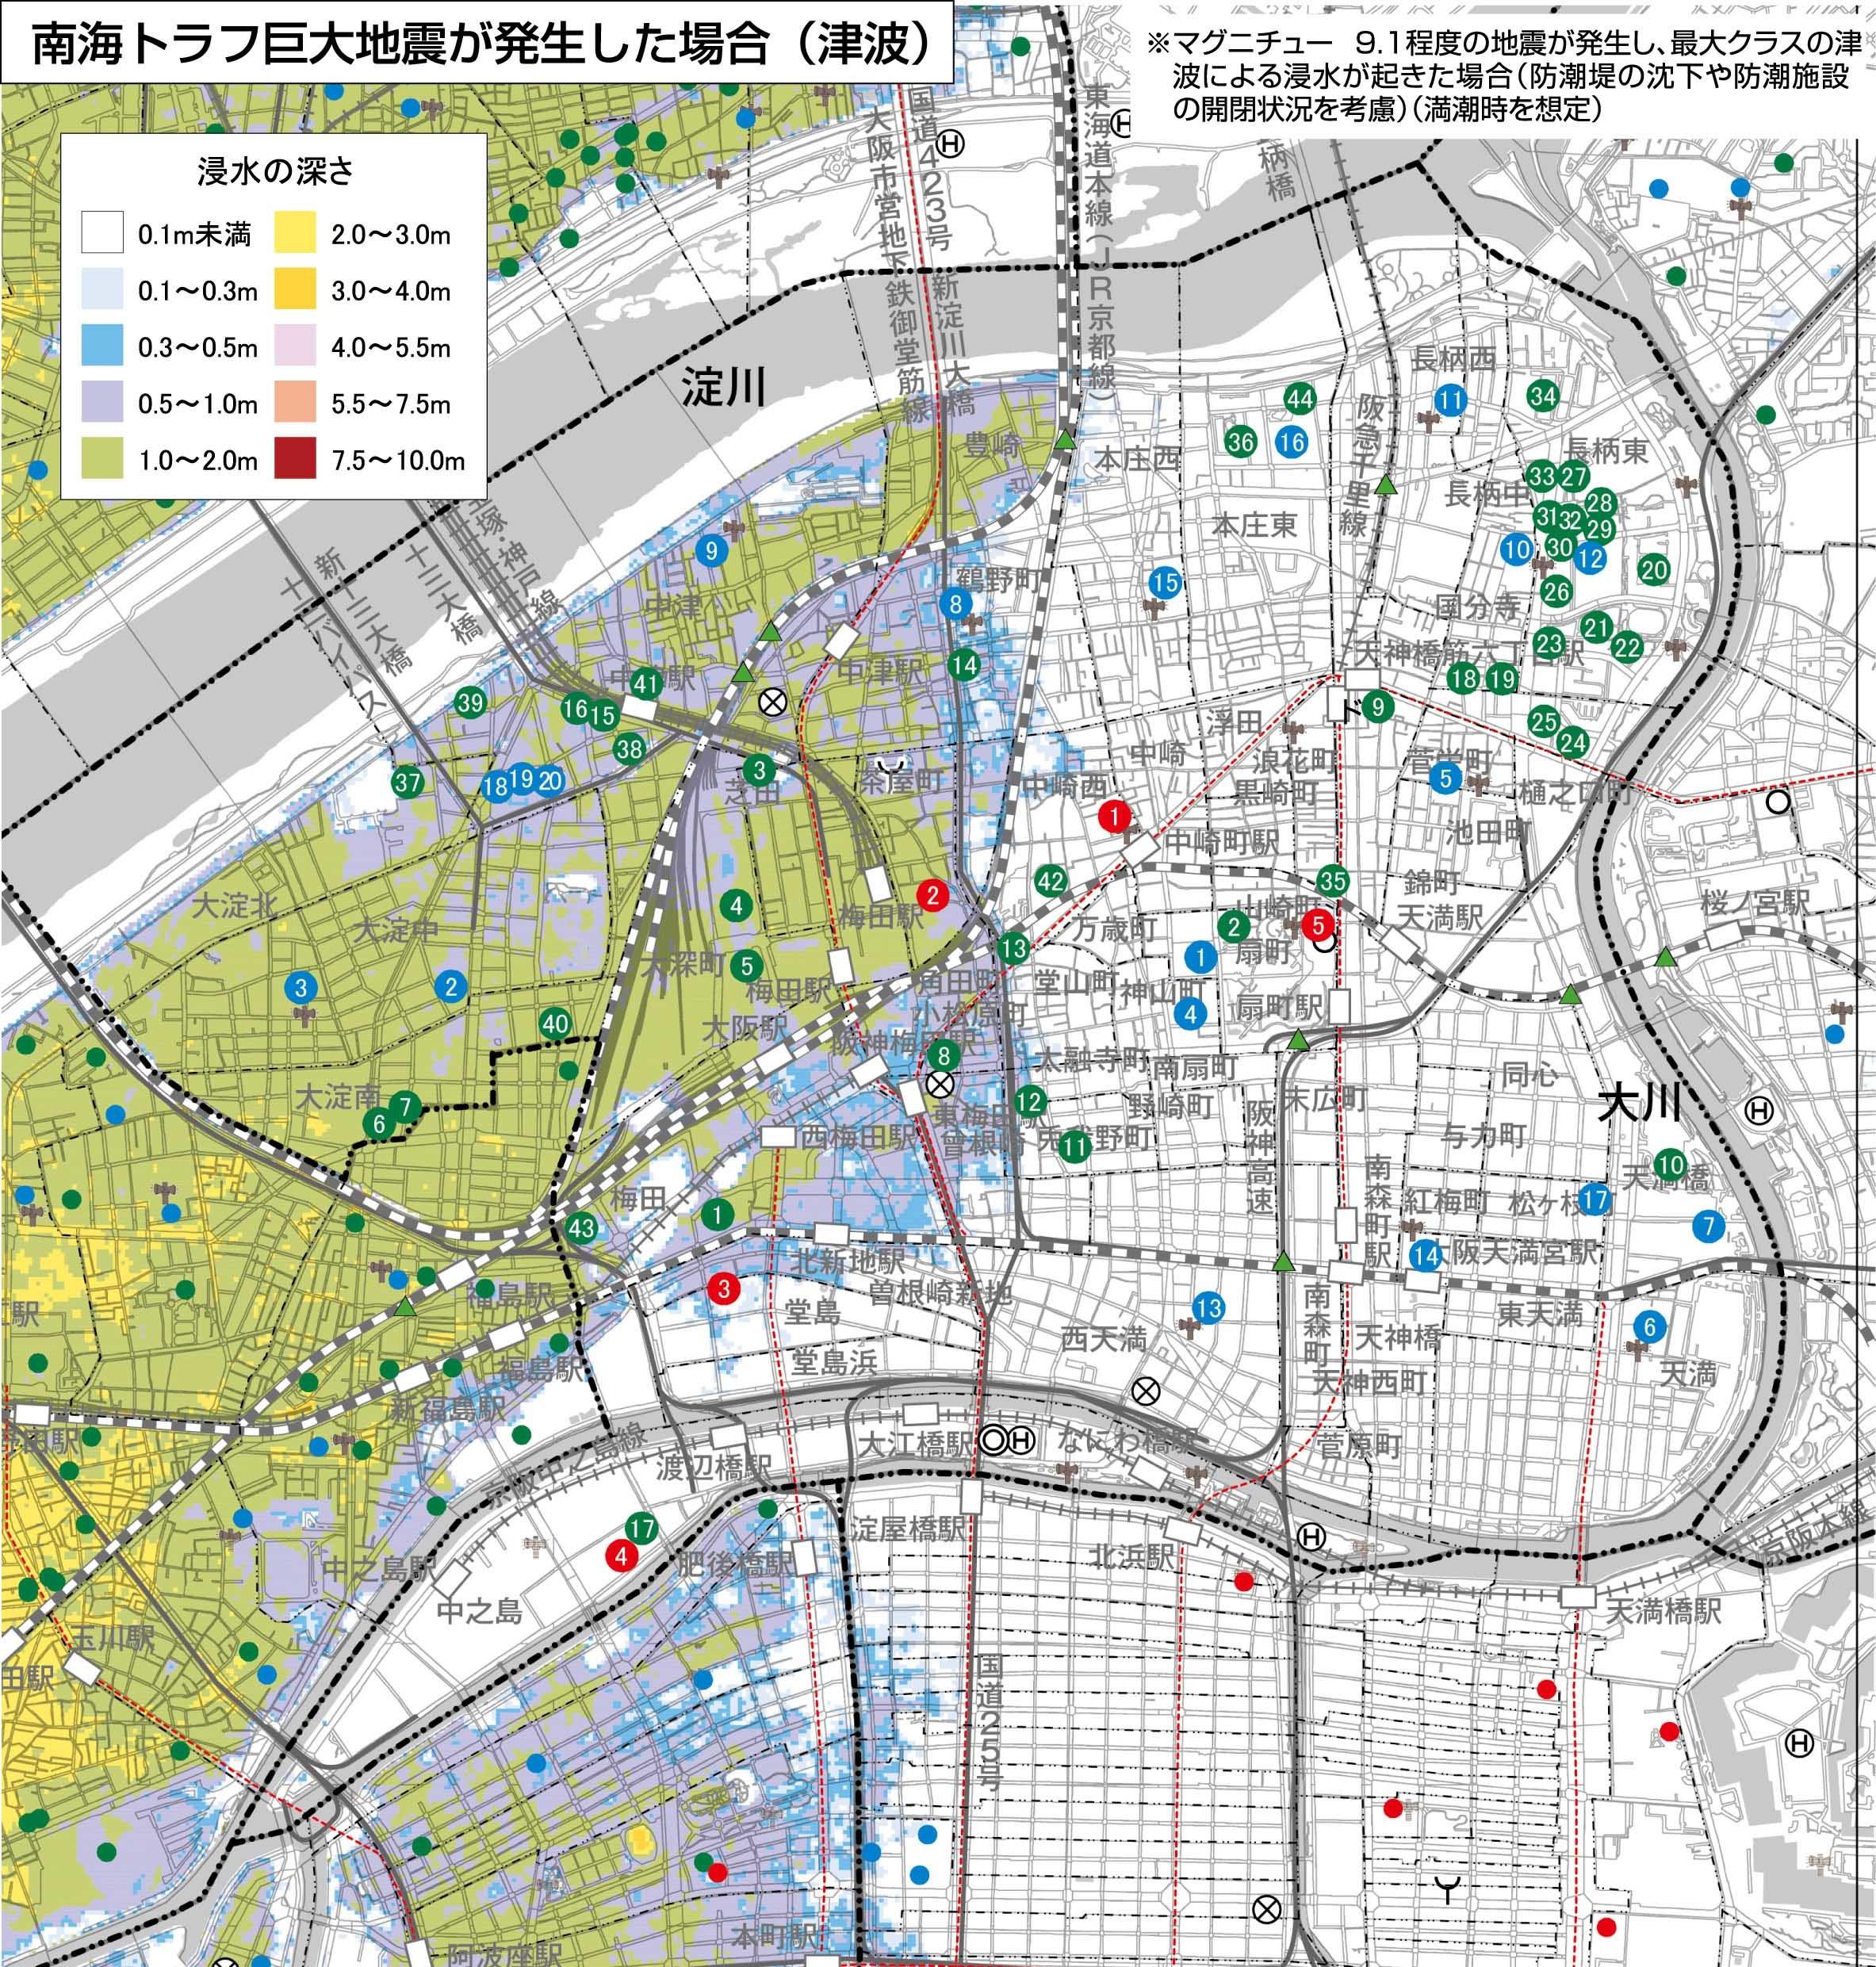 大阪市ハザードマップ